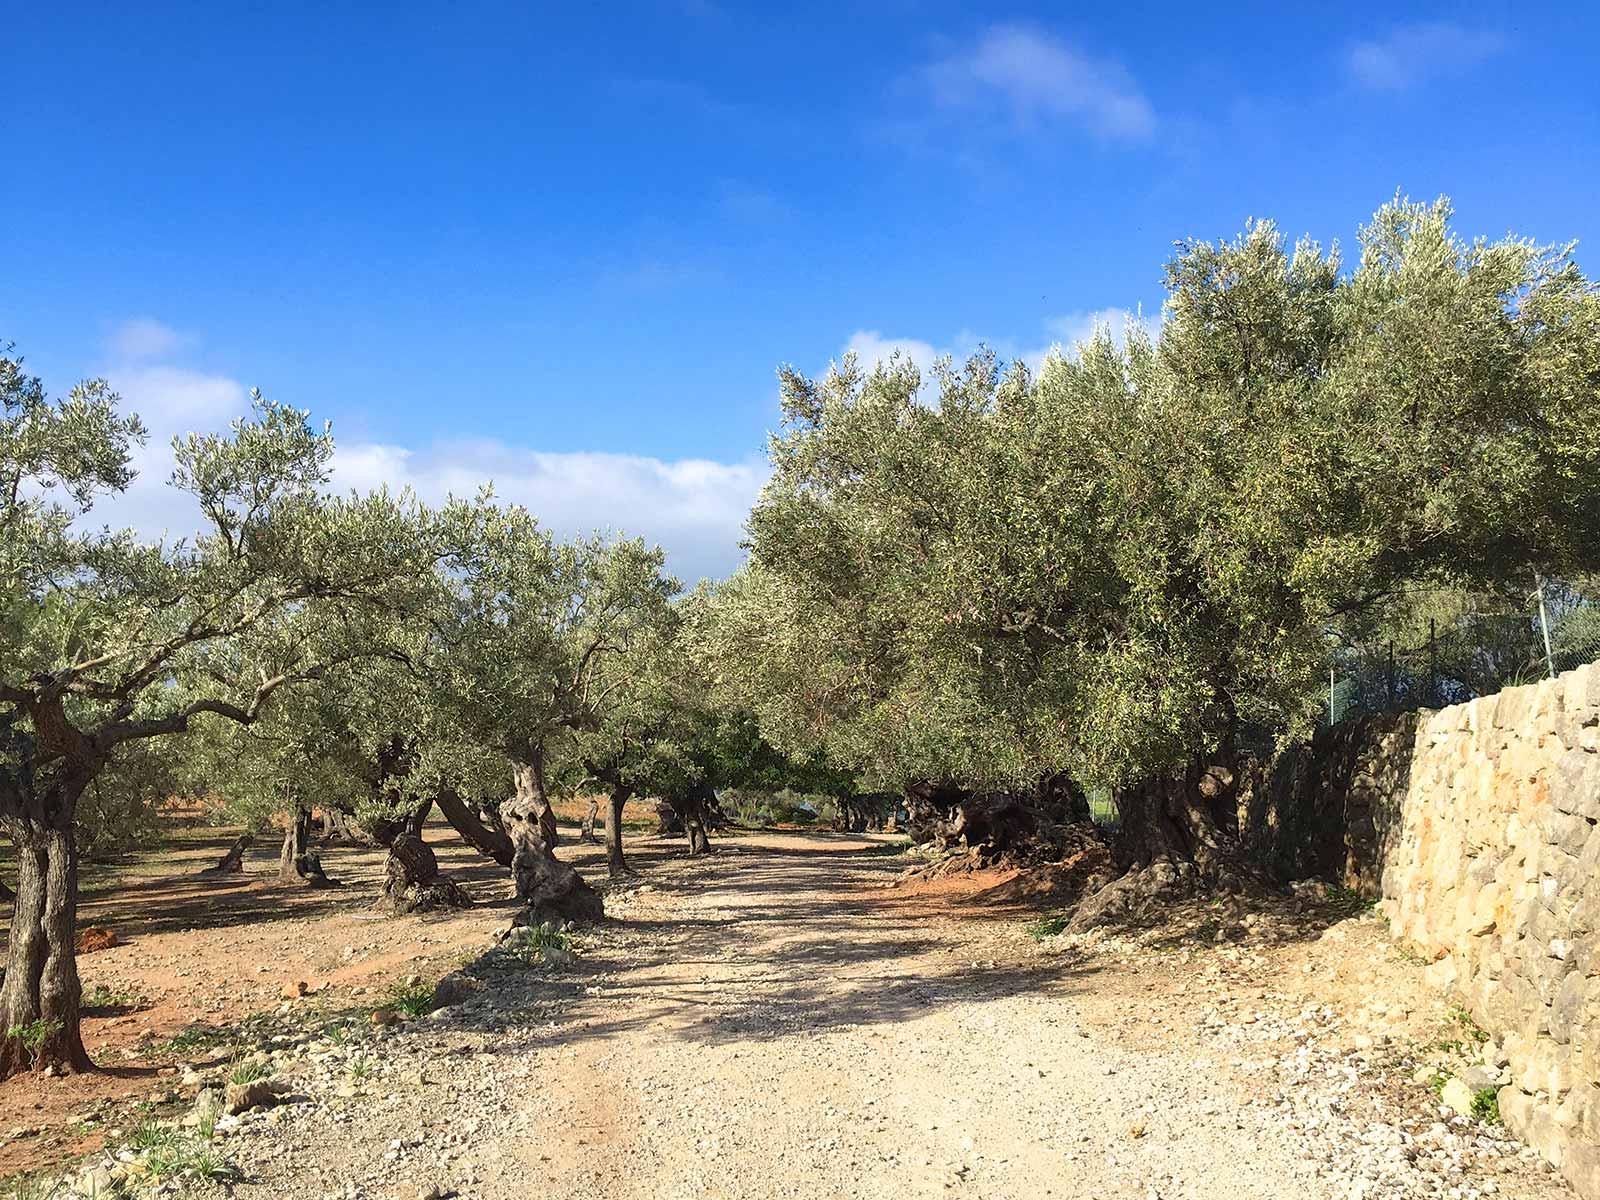 Tagesausflug-Mallorca-Westküste-Wanderung-Paella-Boot-Port-de-Soller-3